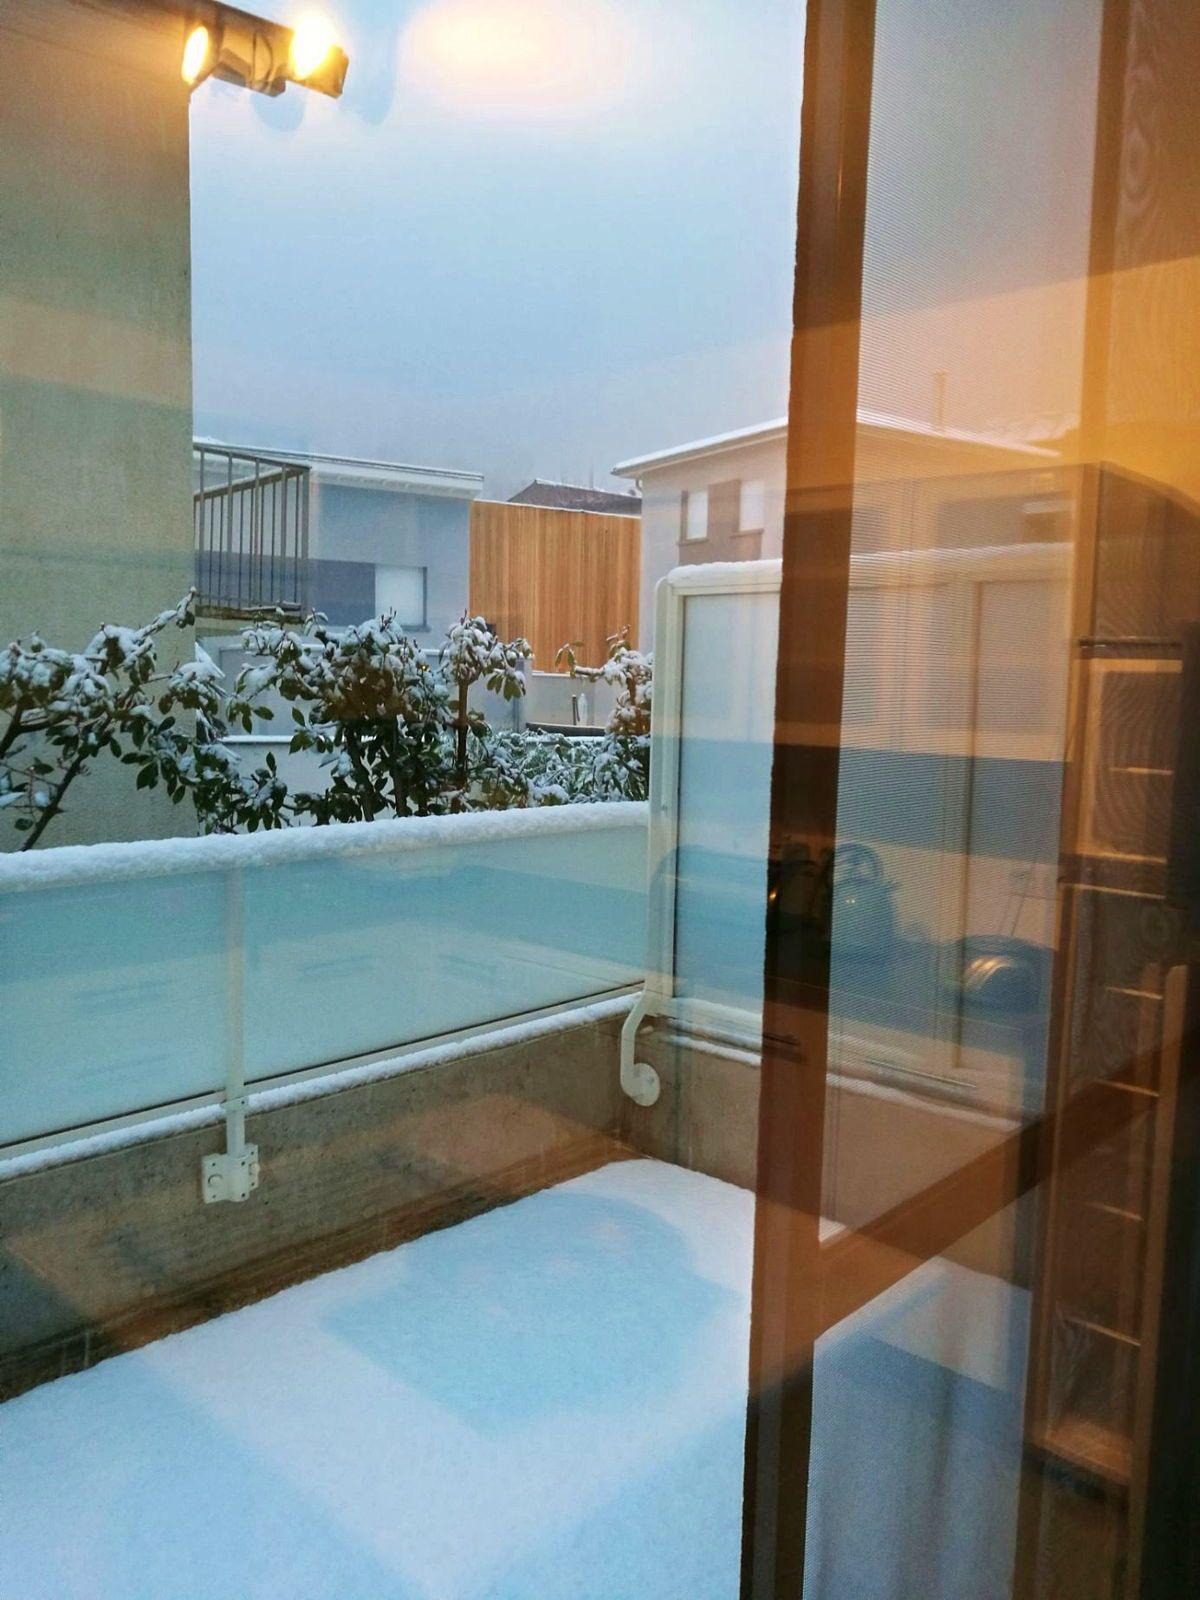 Loue meublé 2chambres - 70m², Grenoble (38)